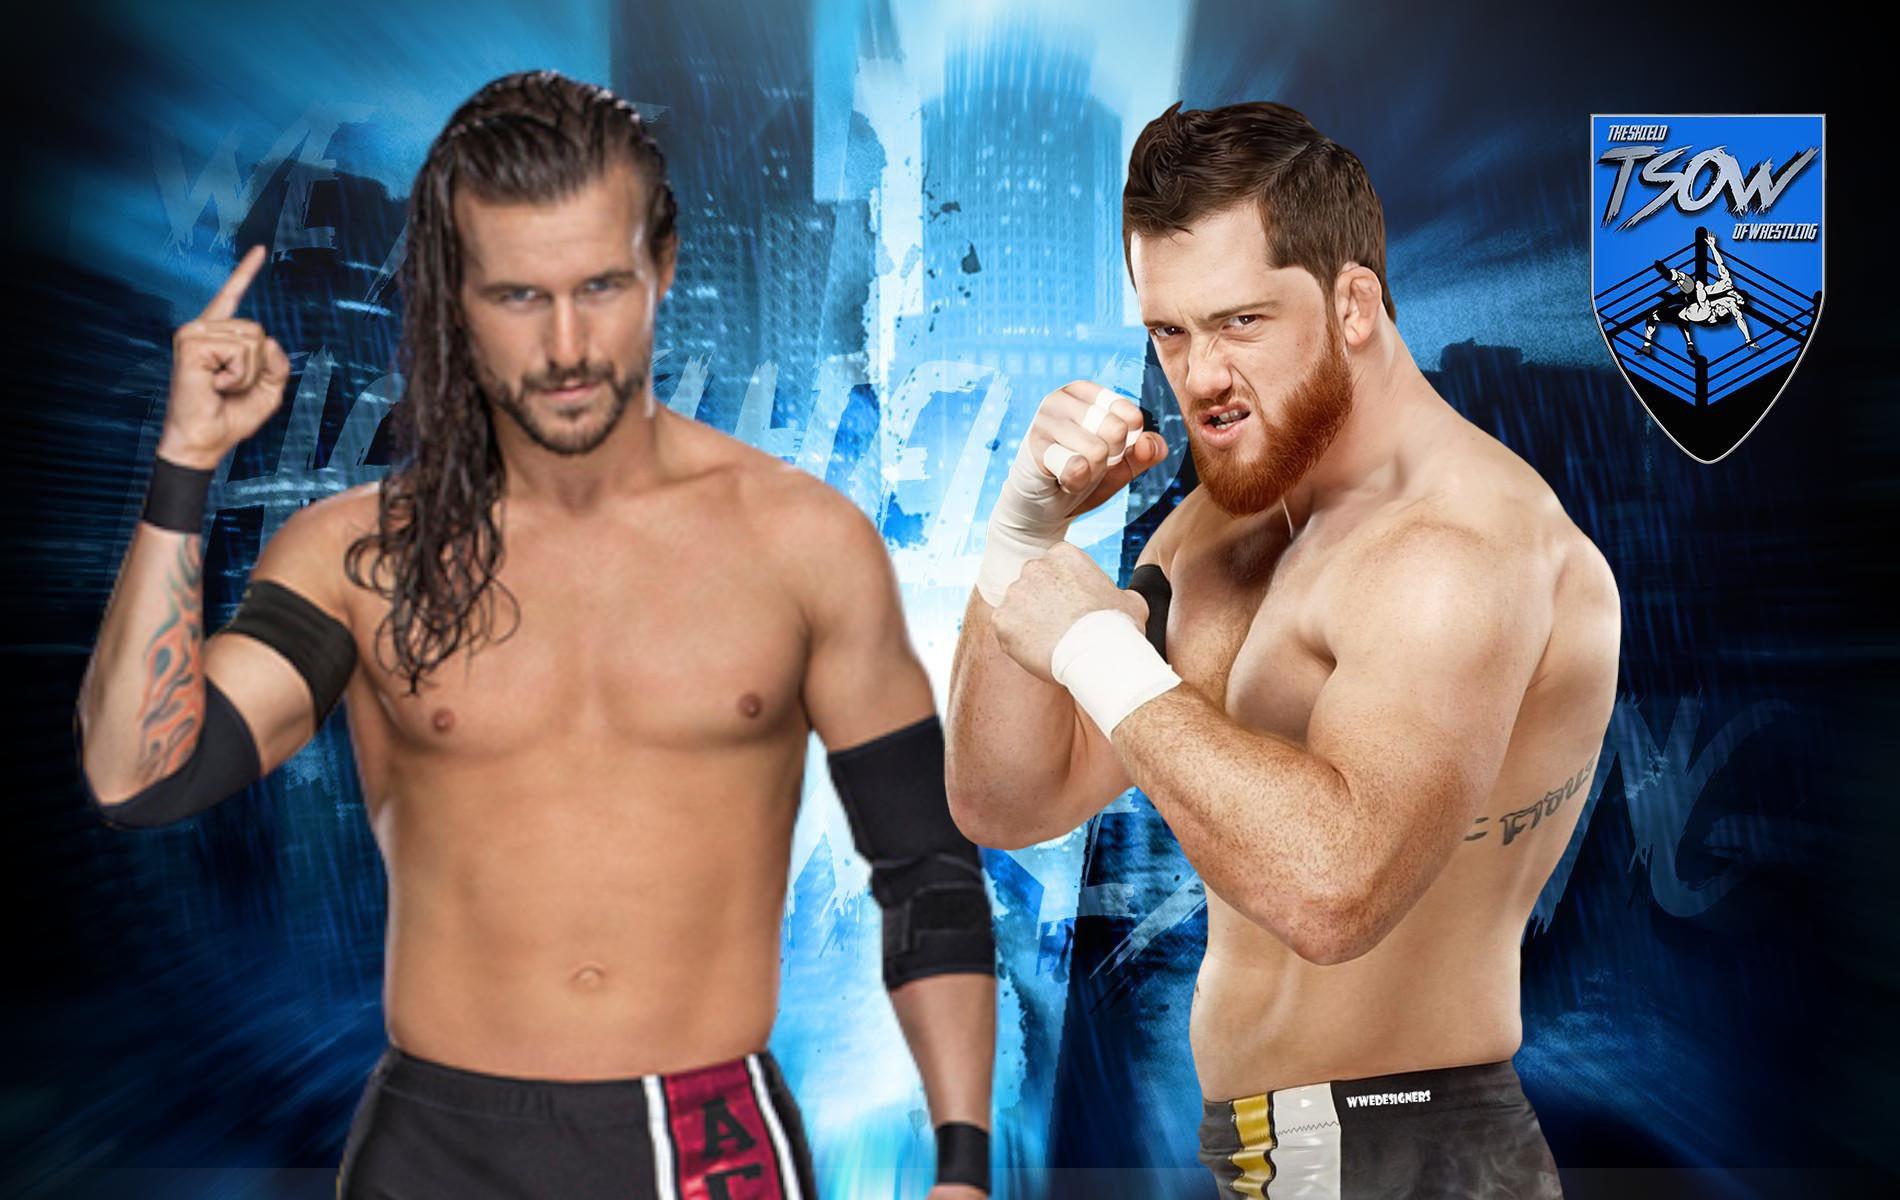 NXT TakeOver: chi ha vinto tra Adam Cole e Kyle O'Reilly?